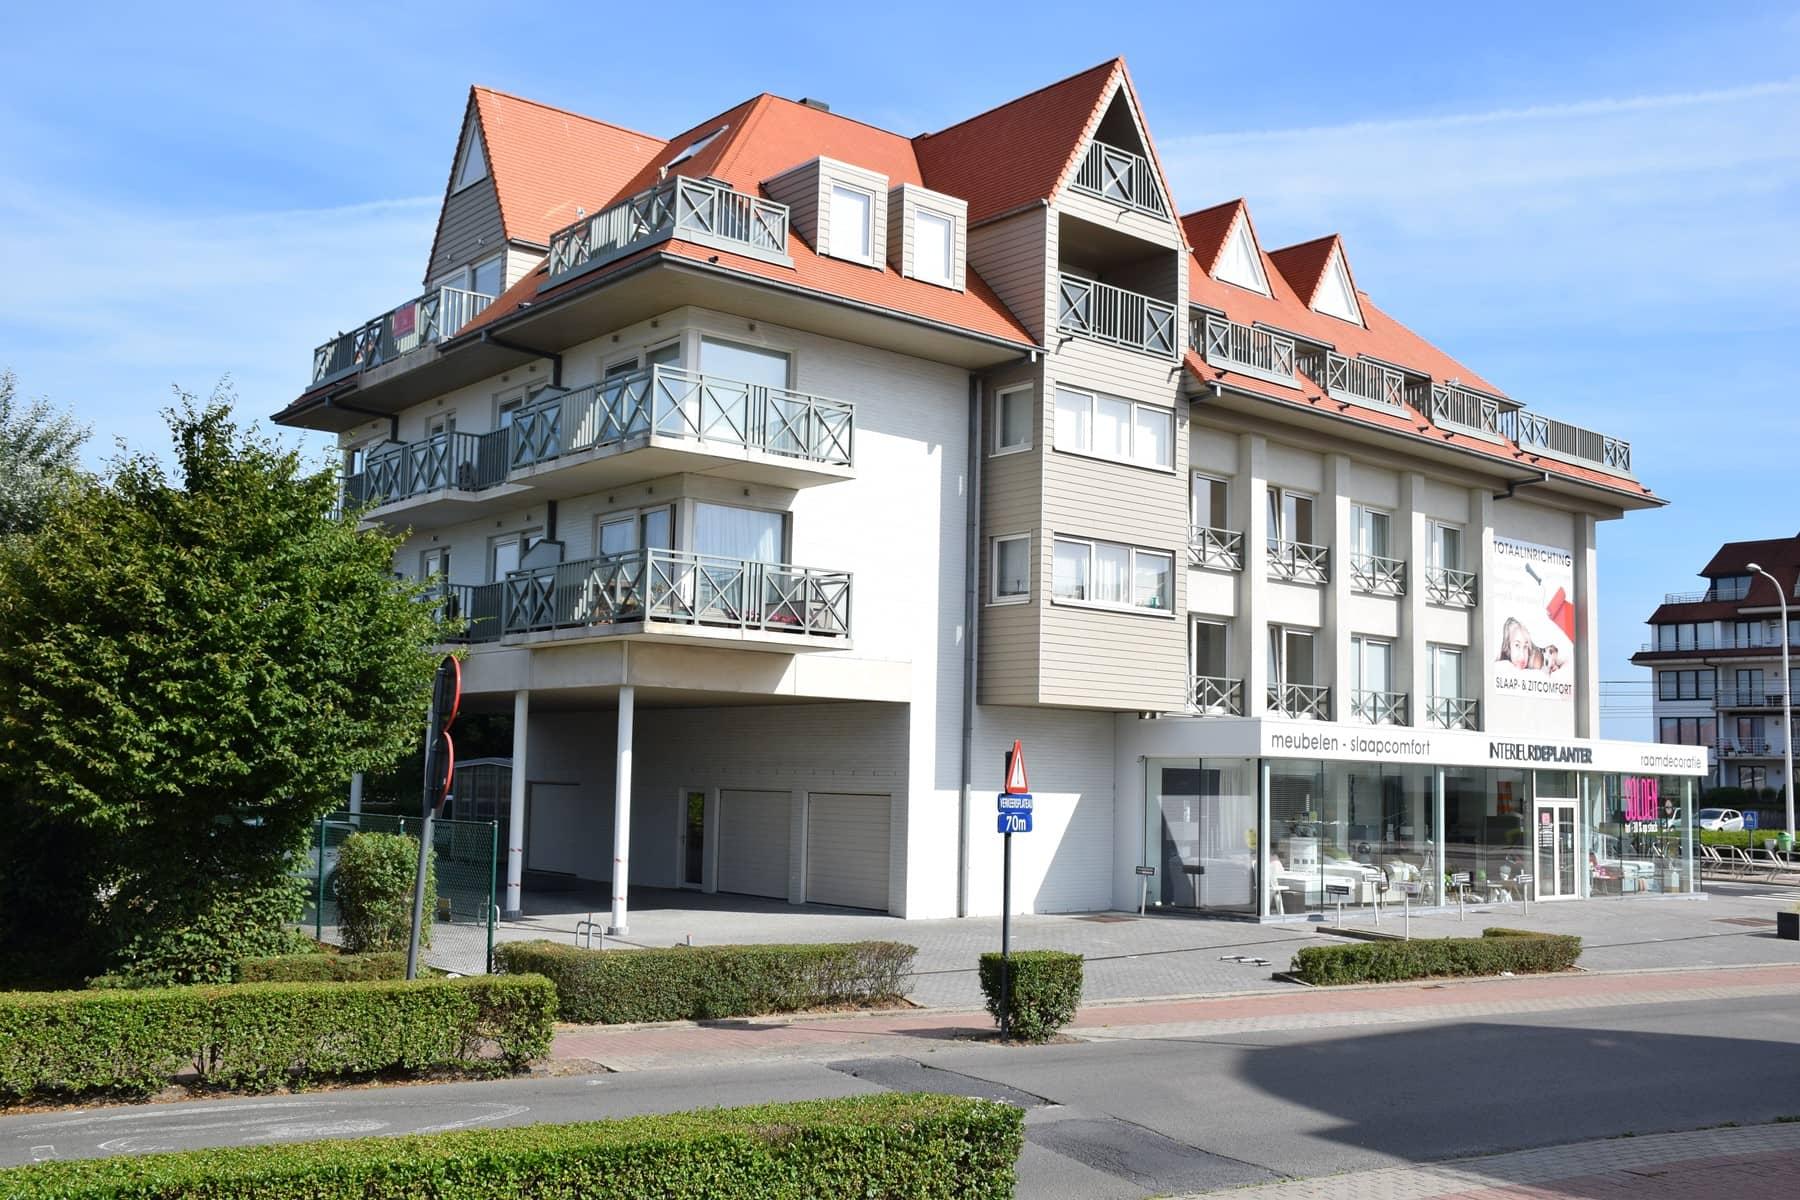 Triniteyt appartement te koop Nieuwpoort